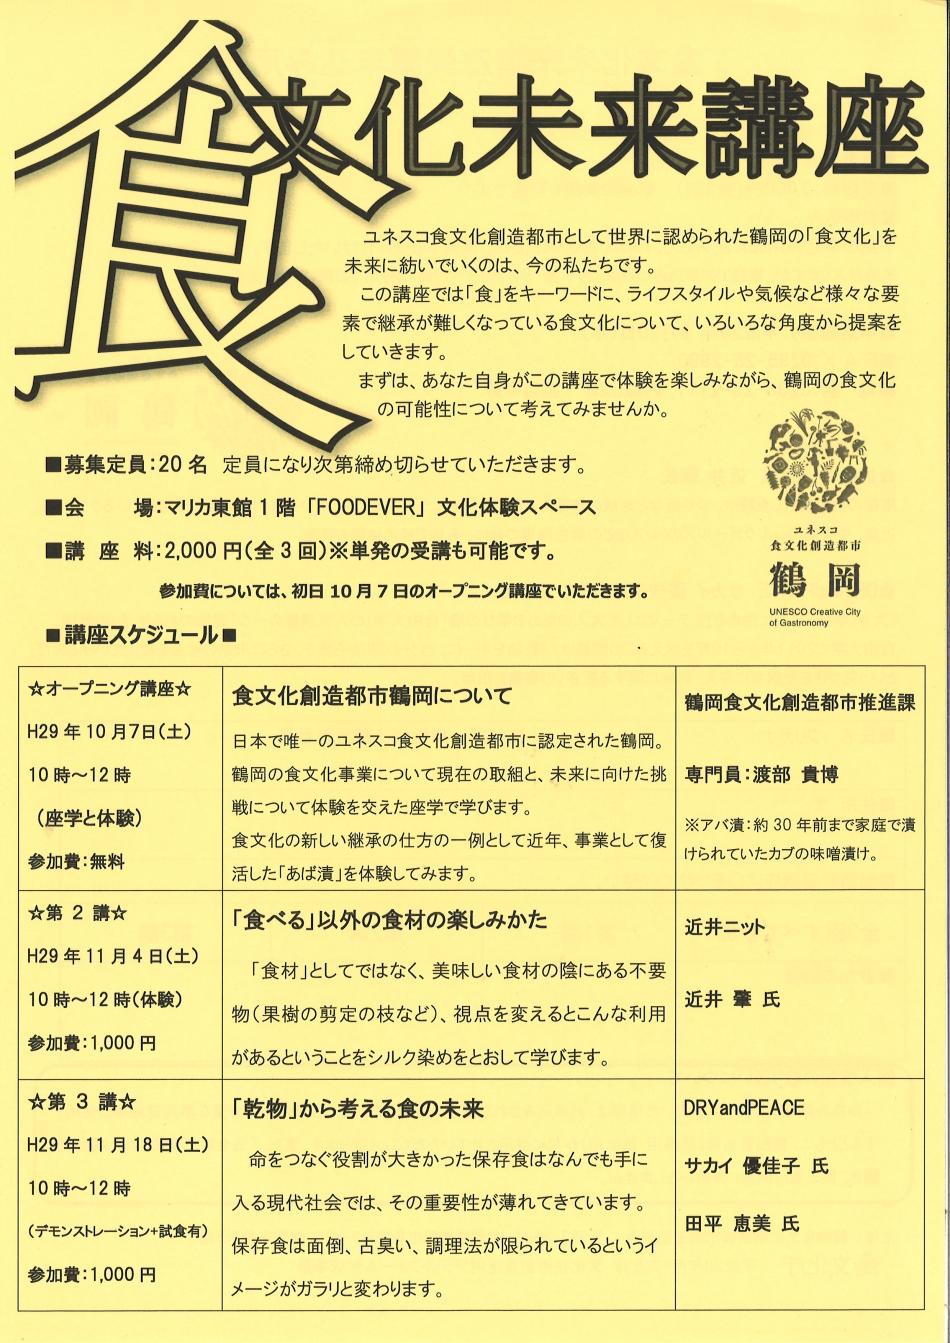 「食文化未来講座」が開催されます!【10月7日(土)、11月4日(土)、11月18日(土)】